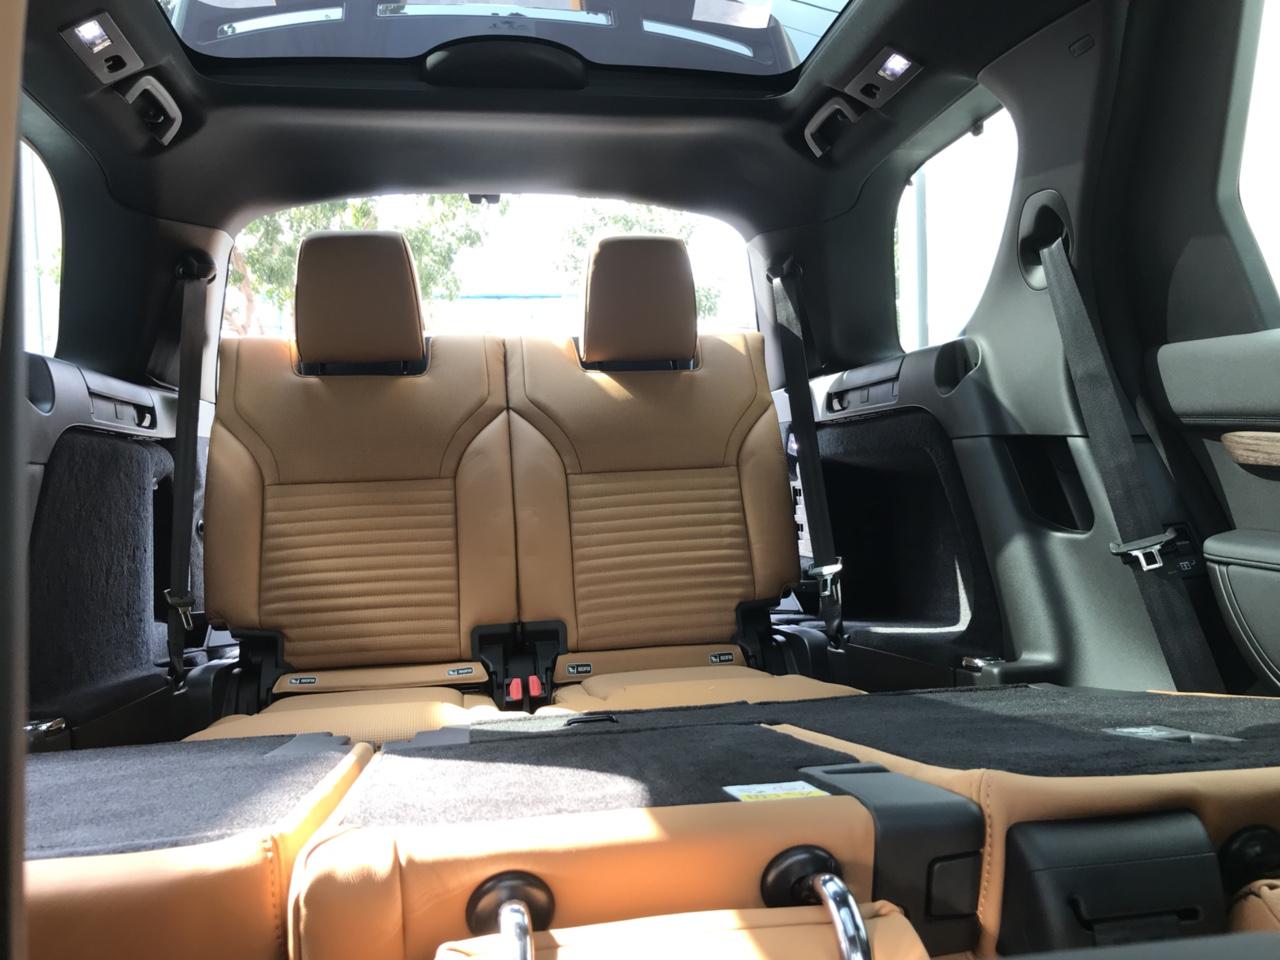 Đánh Giá Xe 7 Chỗ Land Rover Discovery HSE Luxury Cao Cấp Màu Xanh Rêu Aintree Green 2018, Xe Range Rover 7 Chỗ thế hệ mới model 2019 có gì khác model này, xe chạy có hao xăng không, xe nhập từ nước nào.